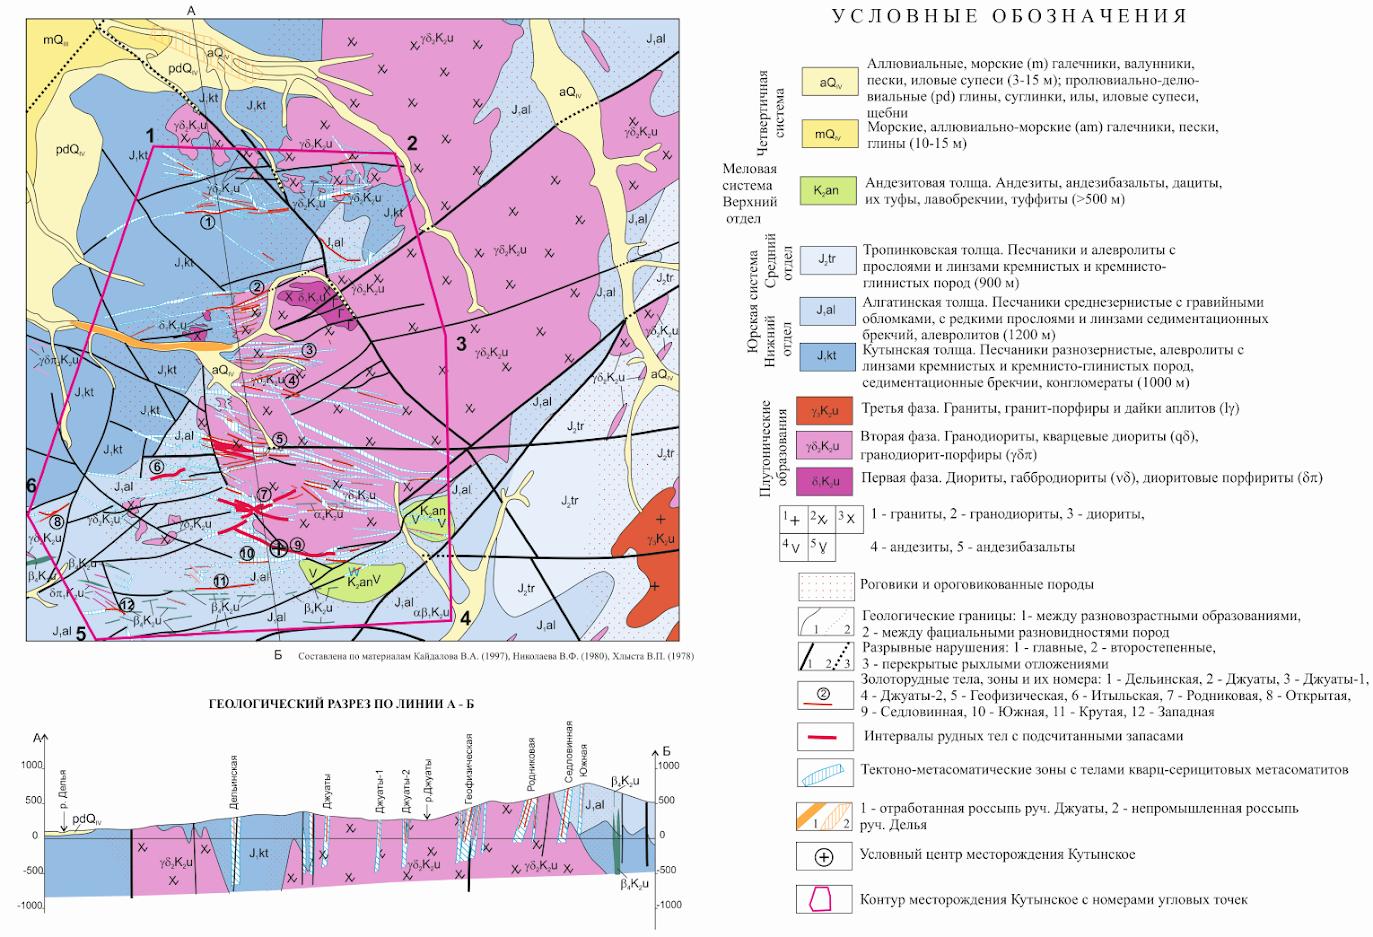 Схематическая геологическая карта месторождения золота Кутын